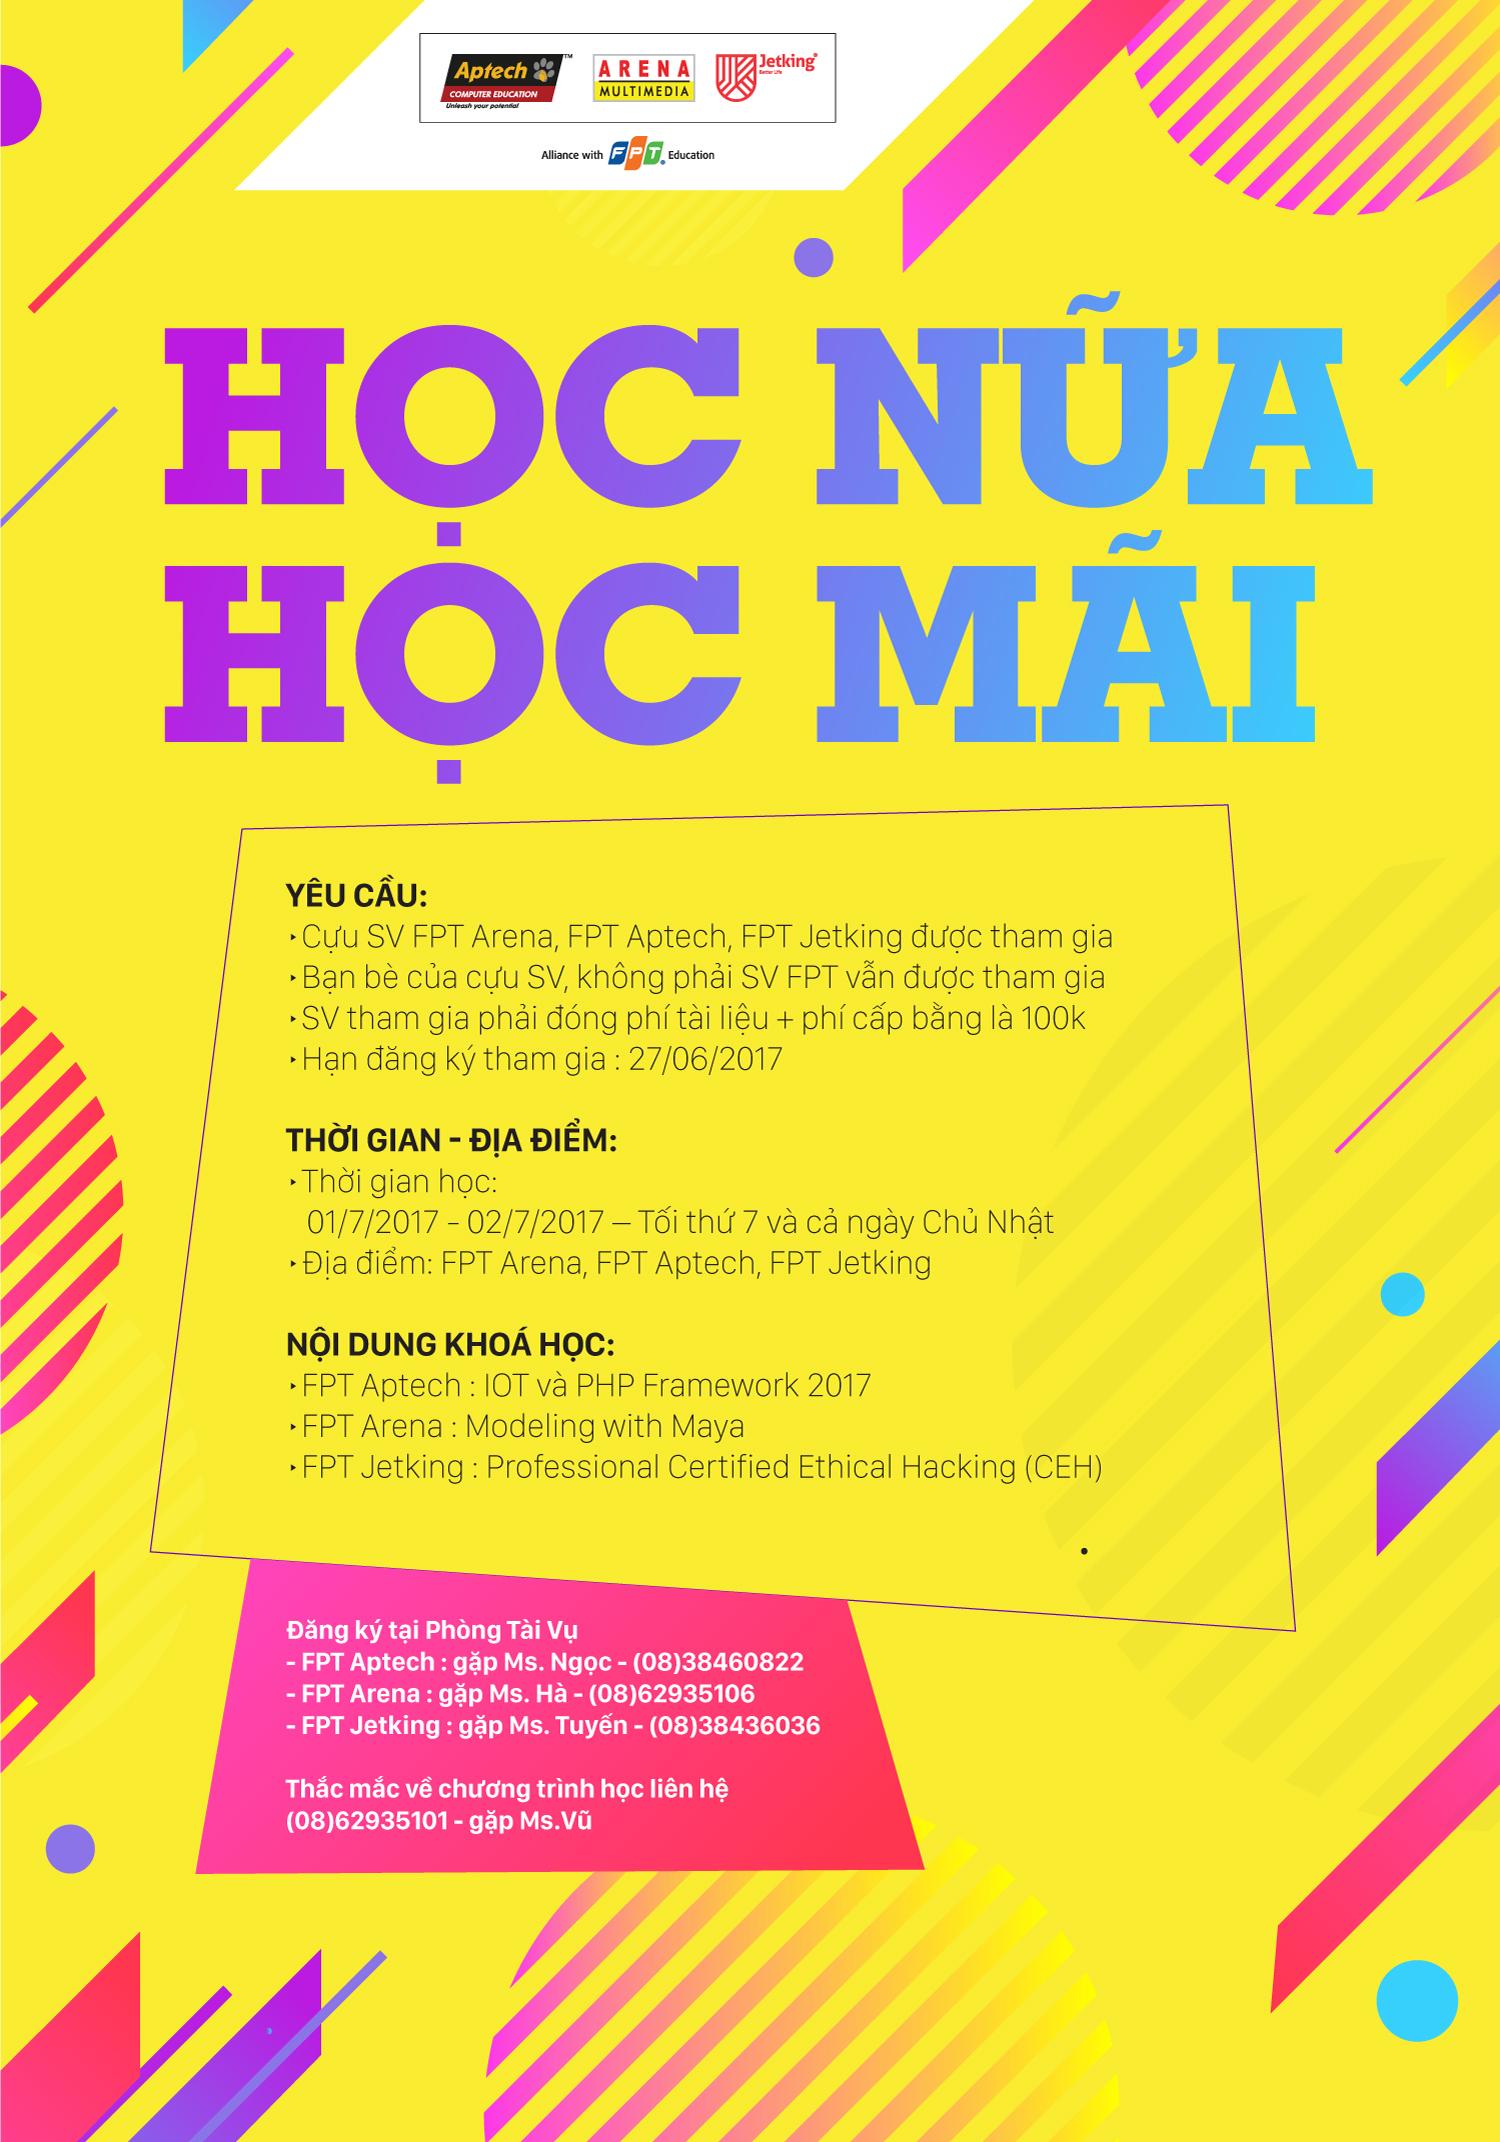 Hocnuahocmai-poster-online